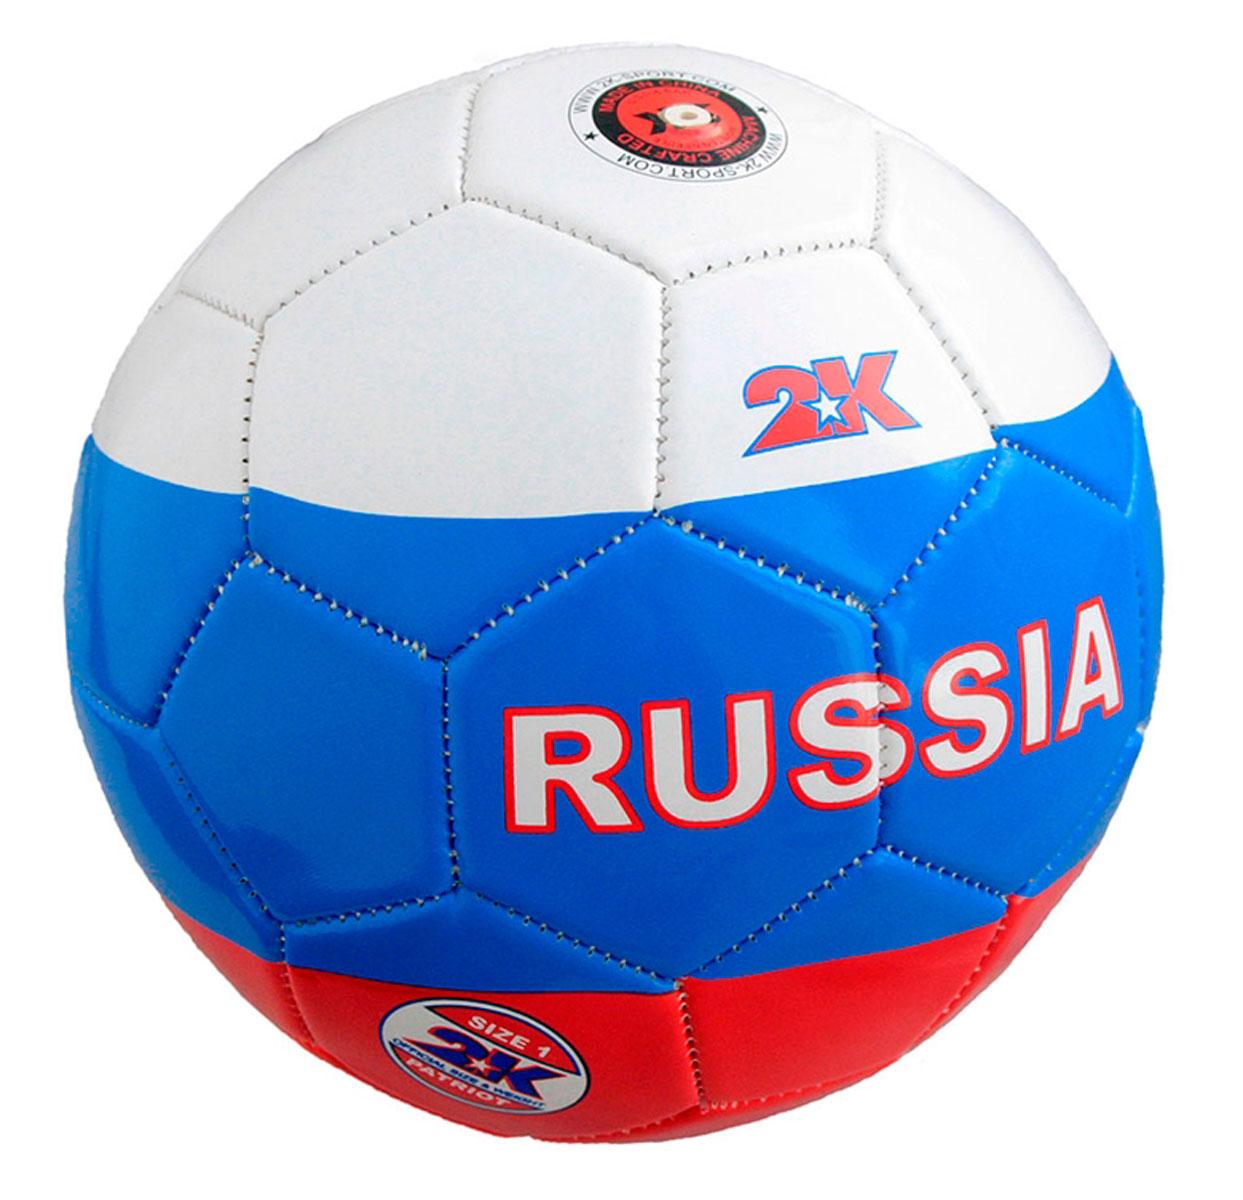 Мяч сувенирный 2K Sport Patriot, цвет: белый, голубой, красный. Размер 1127066pСувенирный мяч 2K Sport Patriot украшен символикой Российской Федерации. Подкладка выполнена из трех слоев полиэстера. Камера изготовлена из высококачественного латекса. Машинная сшивка.